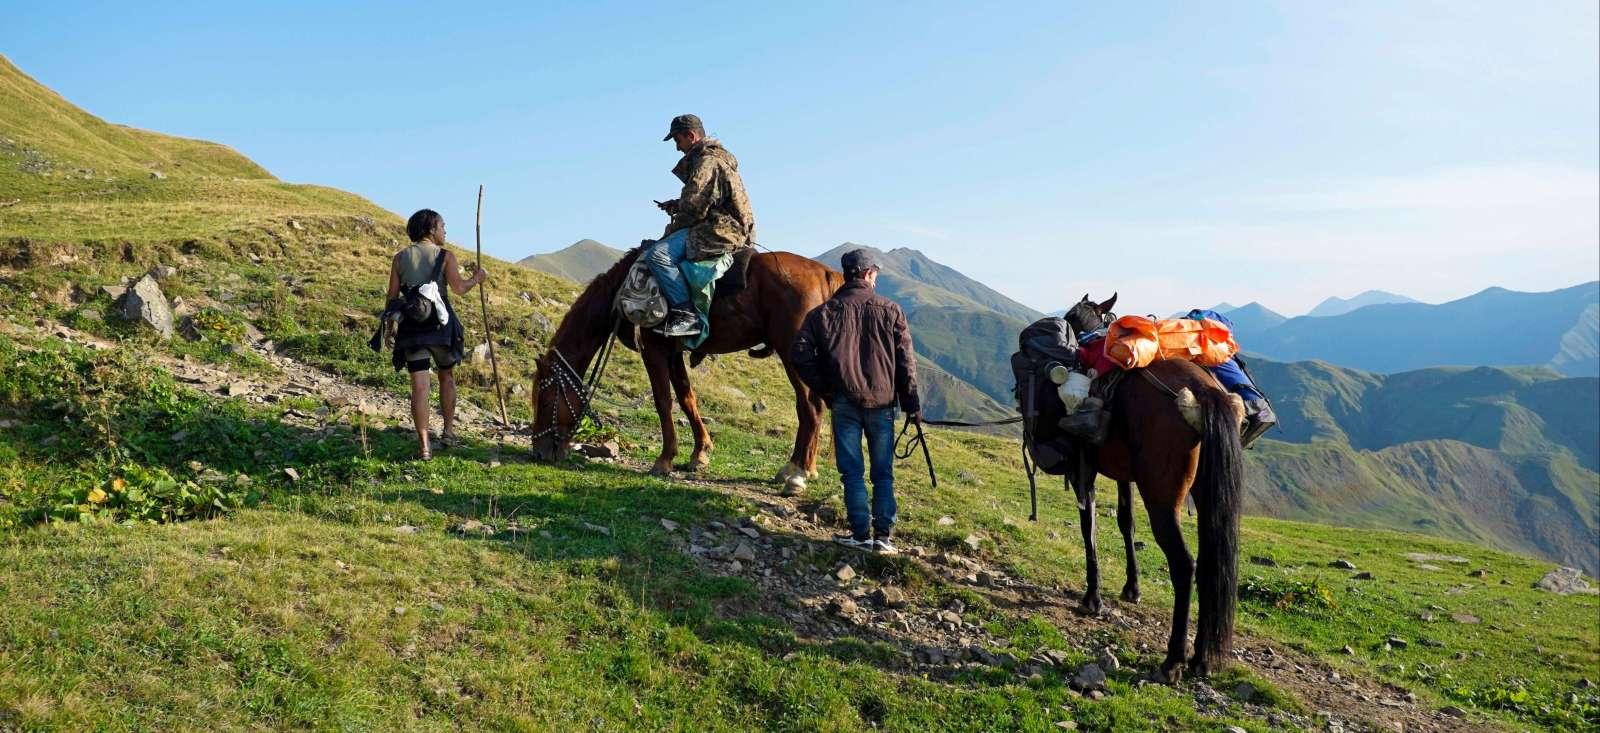 Voyage avec des animaux : La Touchétie à cheval, ça touche forcément !